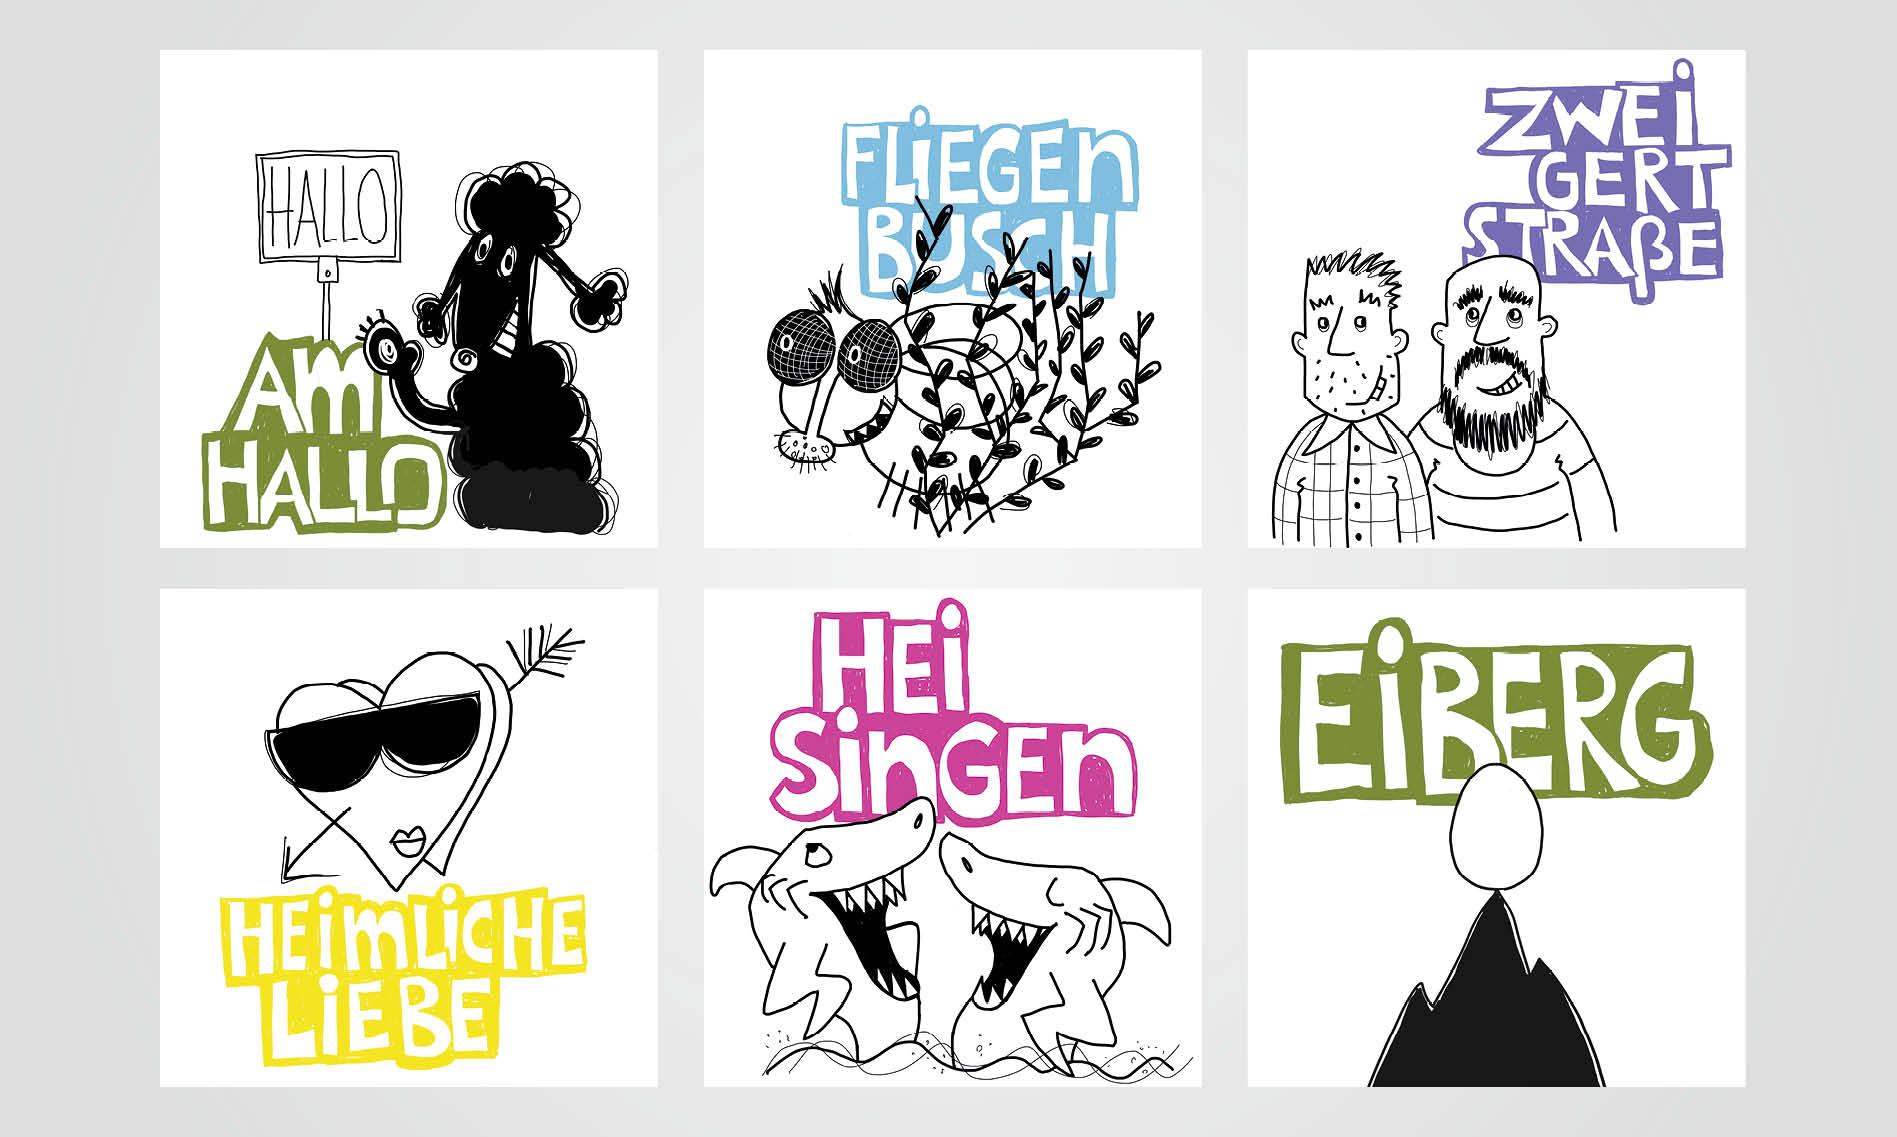 illustration-strassennamen-stadt-essen-02.jpg